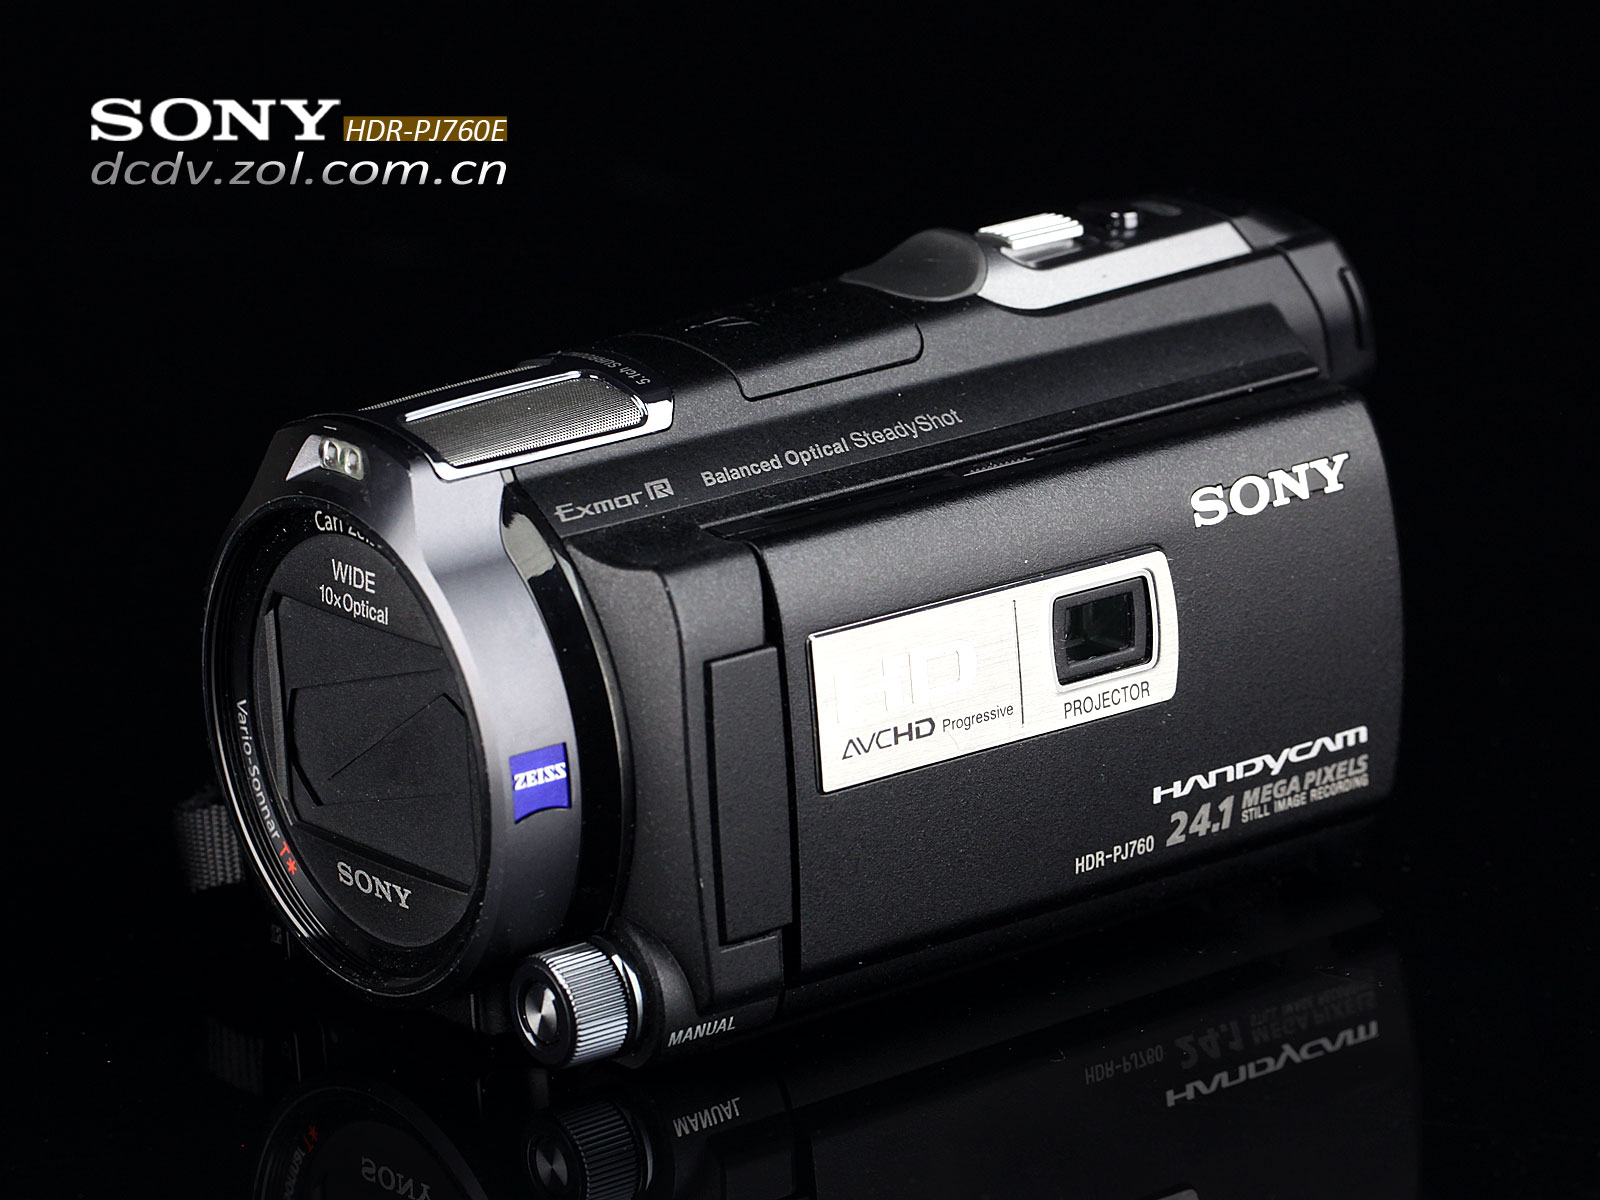 浮动镜头设计 索尼hd-pj760e摄像机图赏